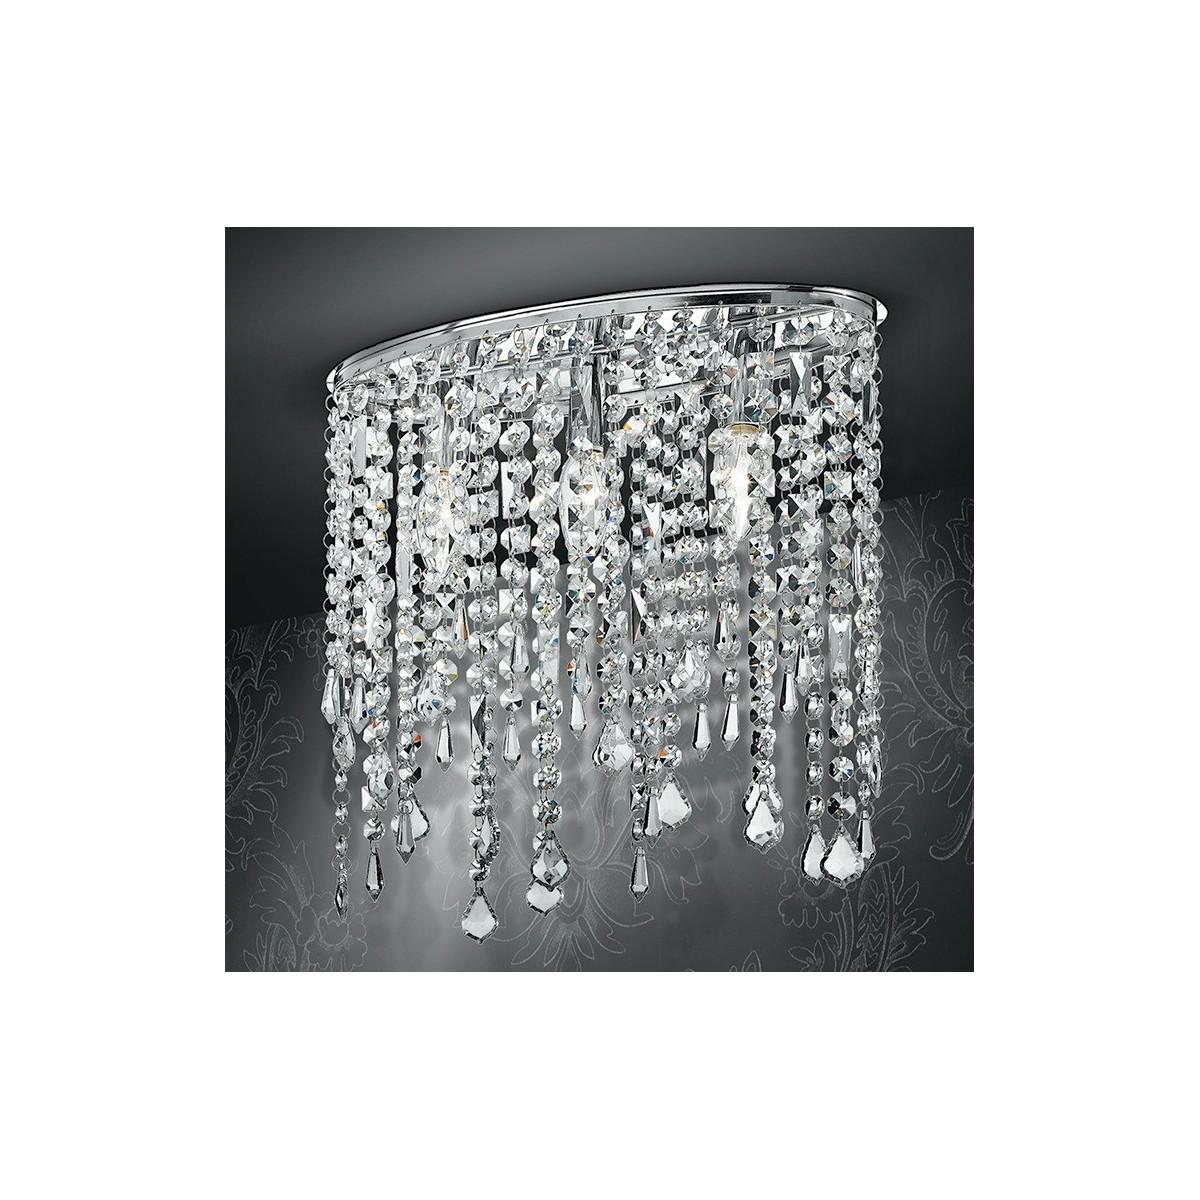 I-BREEZE/PL3 - Plafoniera Ovale Metallo Pendenti Cristalli K9 Lampada Interno Soffitto Classica E14